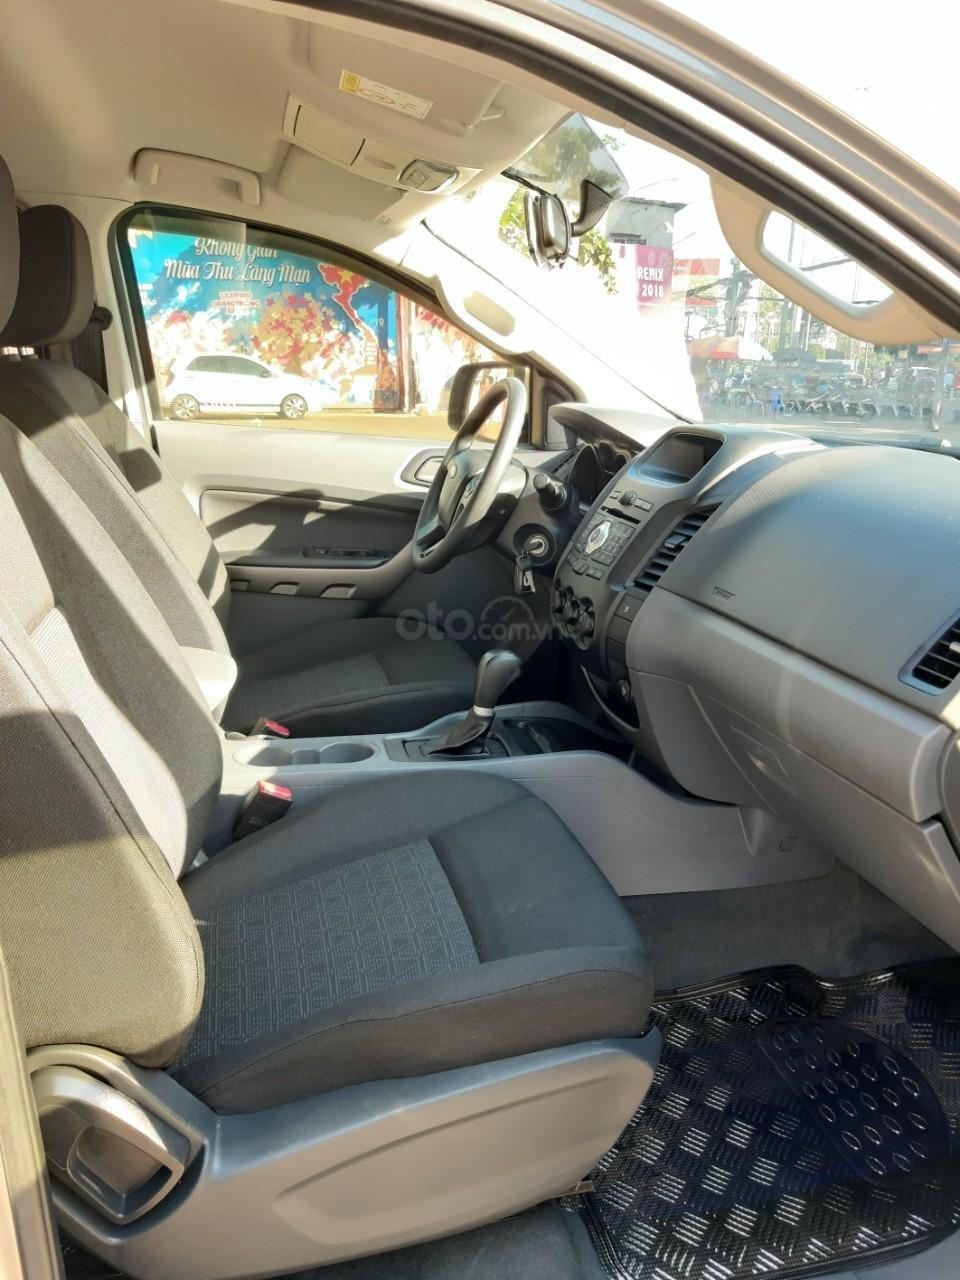 Bán Ford Ranger XLS model 2017, màu bạc, nhập khẩu, gắn thêm thùng còn mới toanh, giá 600tr-12